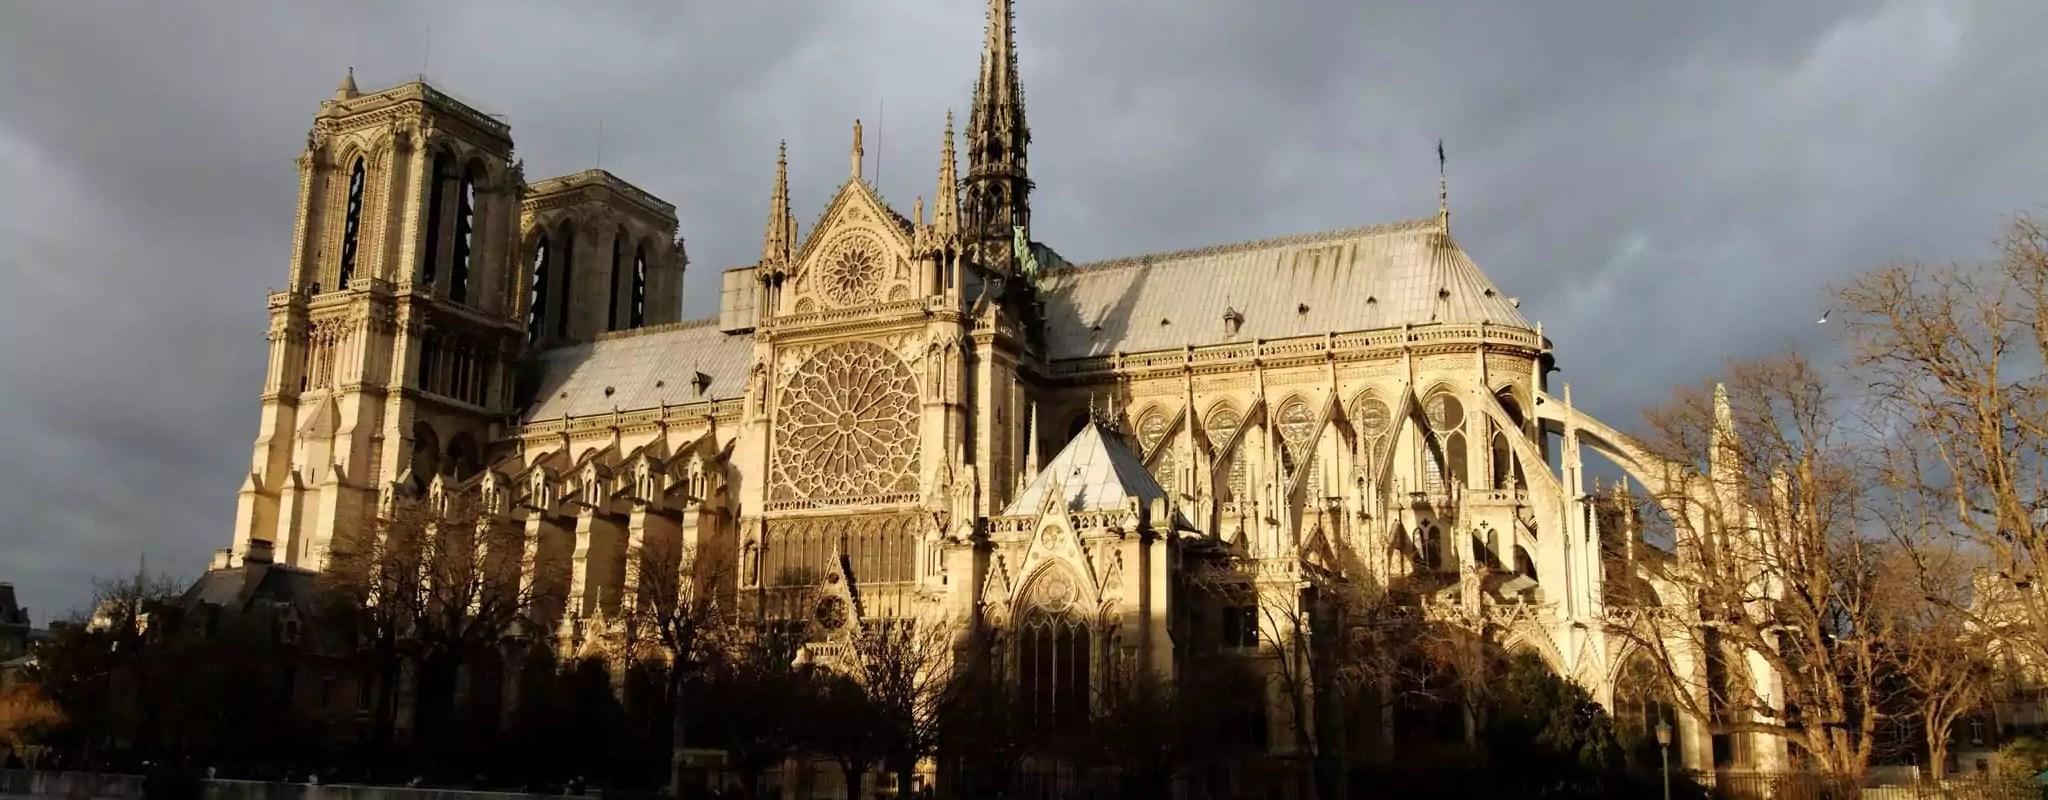 La cathédrale Notre-Dame de Paris en partie détruite par un incendie